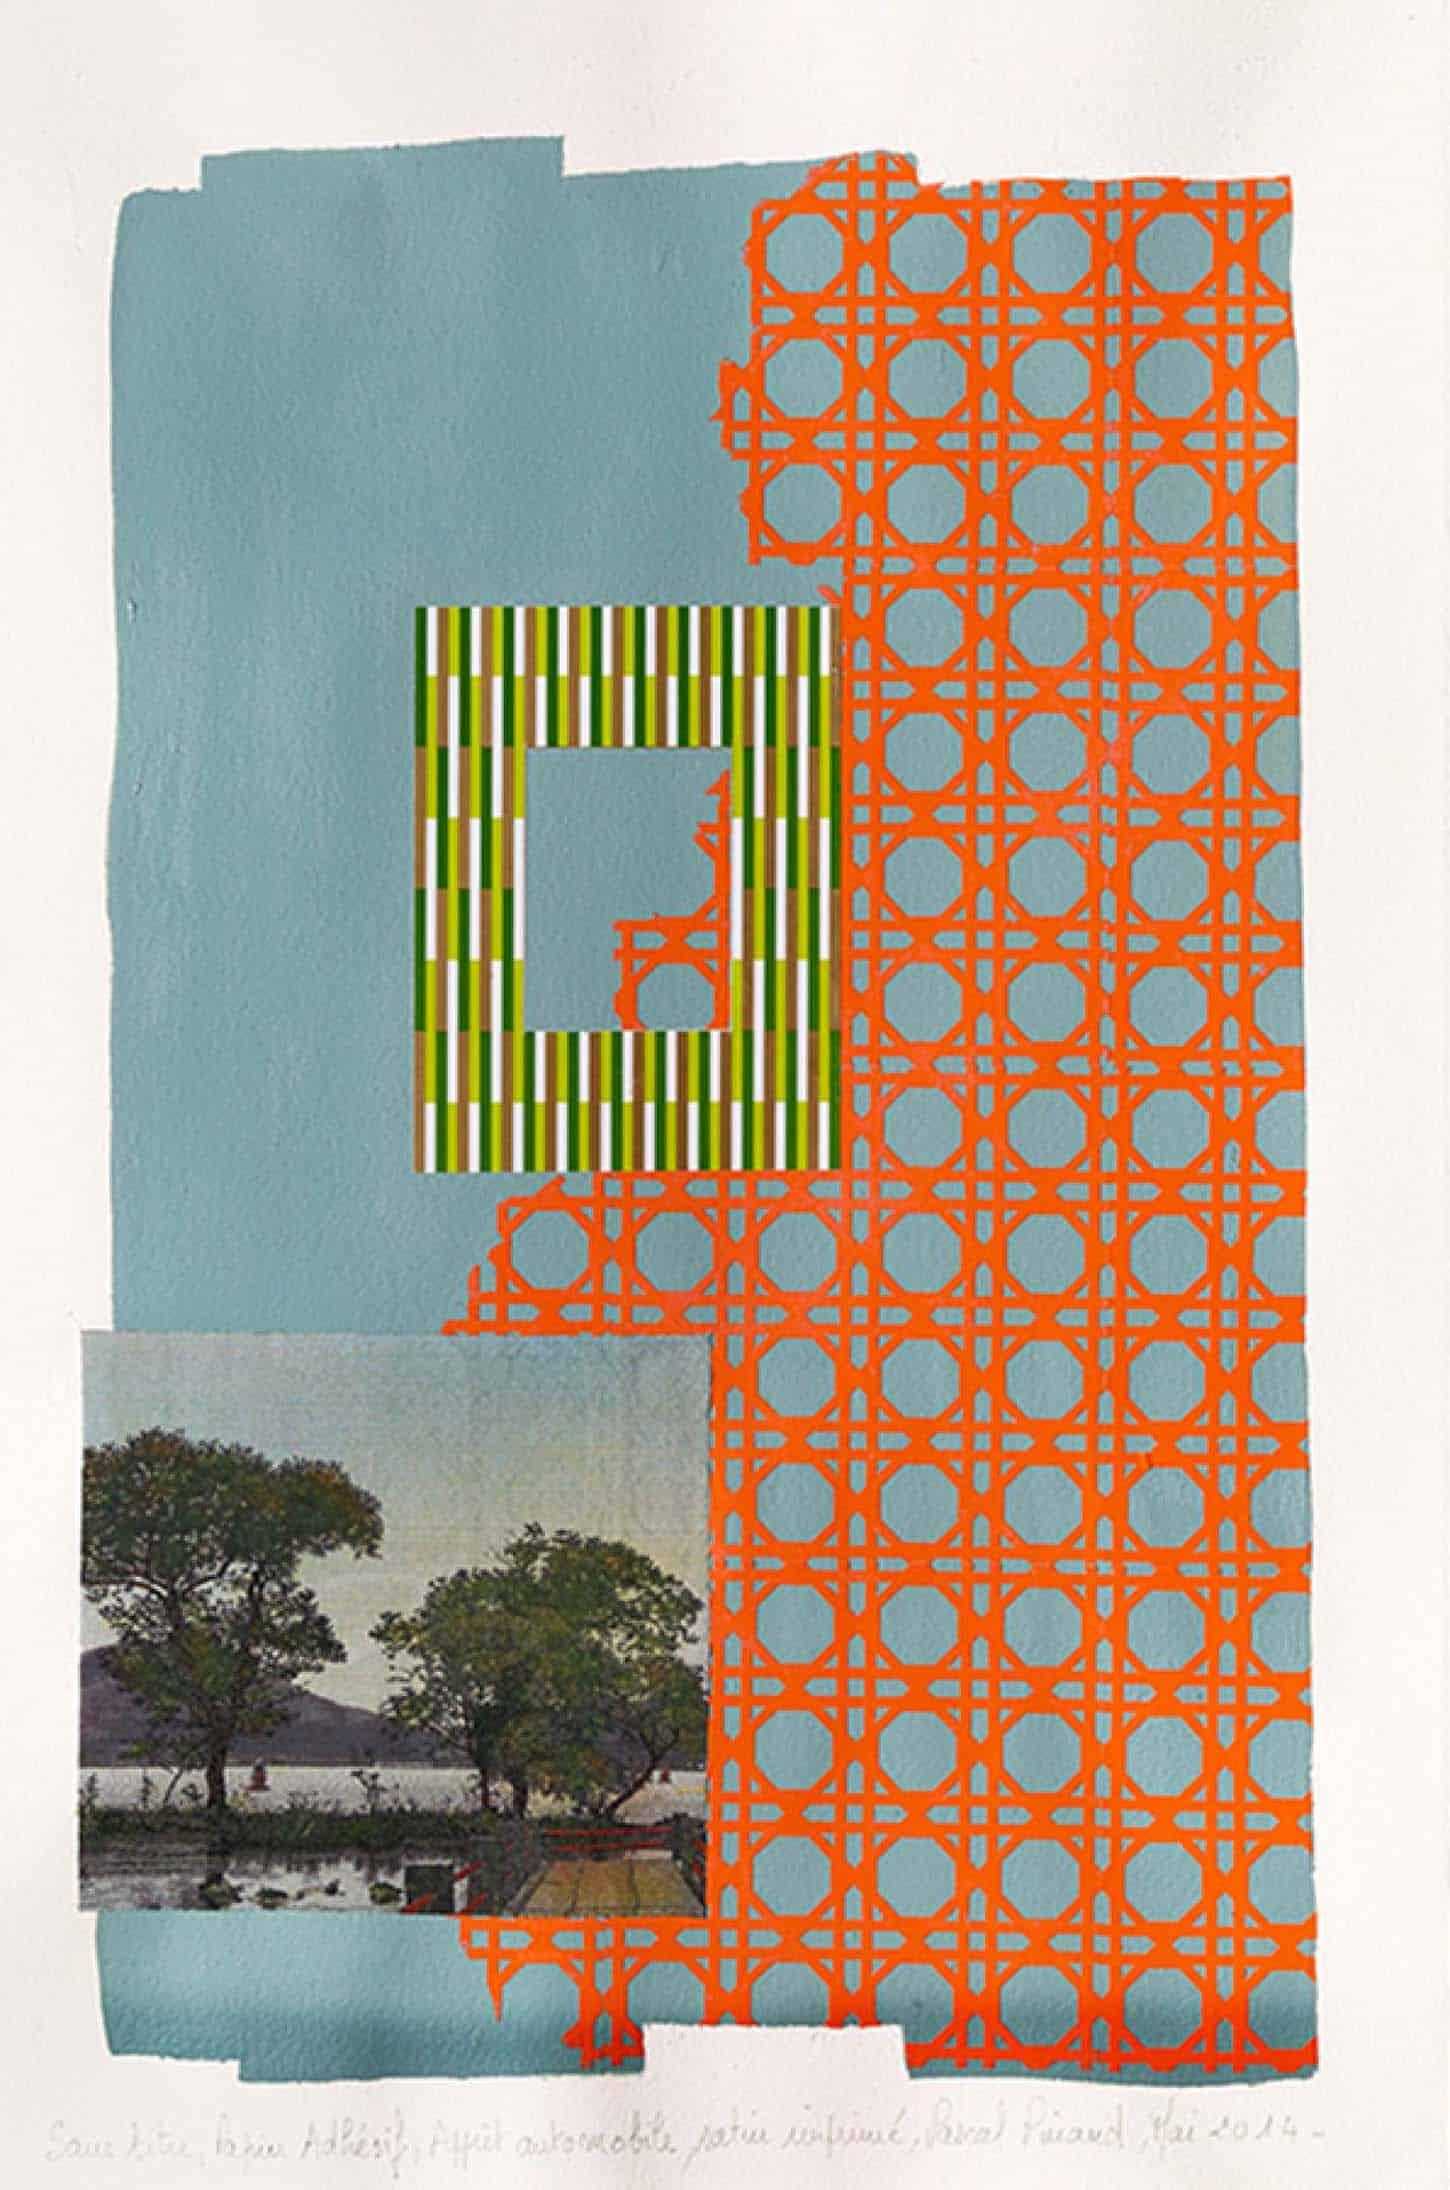 Pascal Pinaud,Sans titre,Mai 2014,Adhésif, peinture automobile, satin imprimé, fils de soie sur papier Arches,59,5 x 42 x 3,5 cm